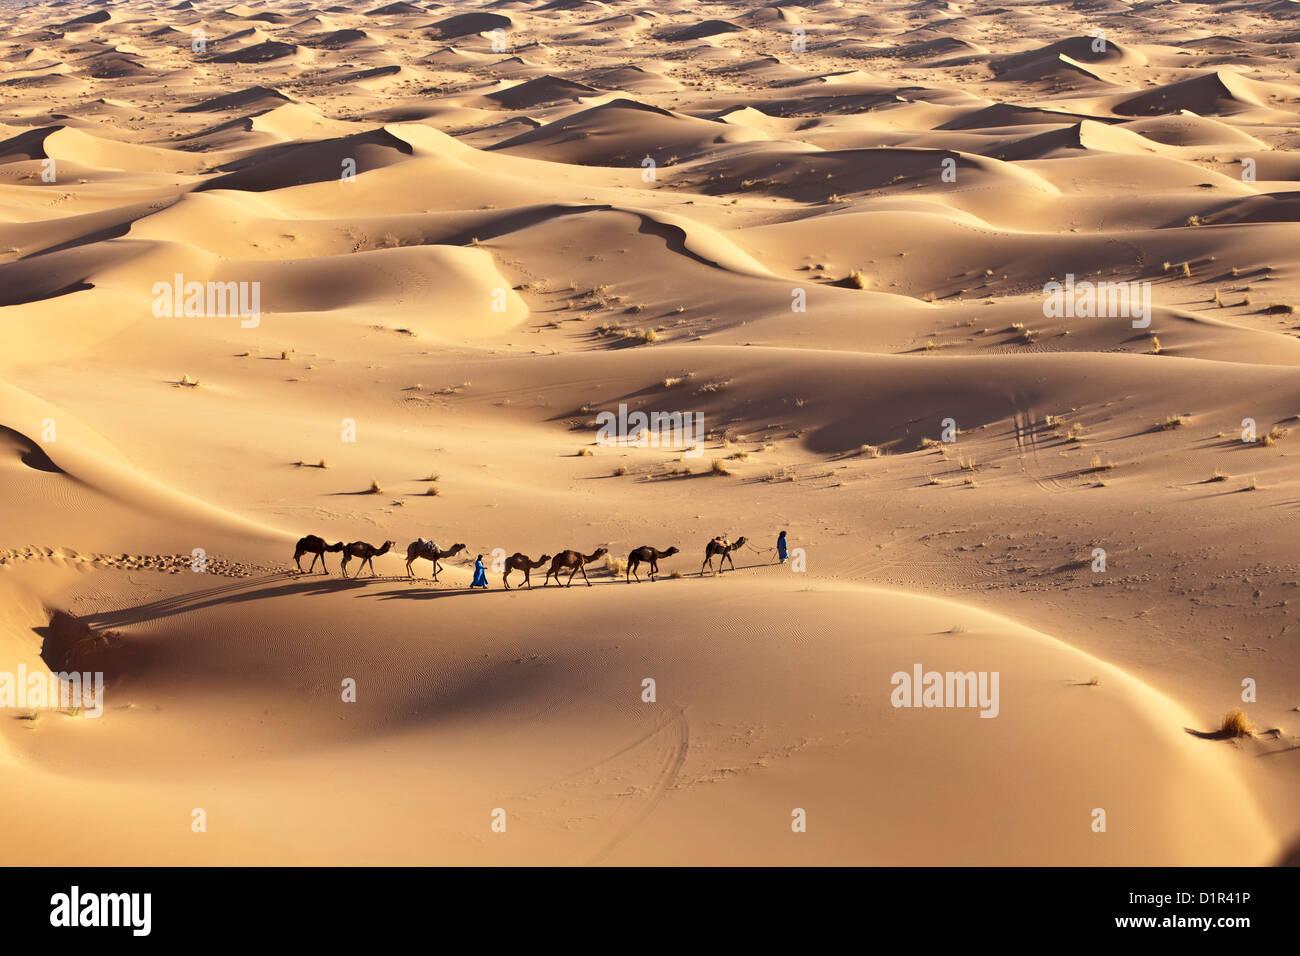 Marruecos, M'Hamid, Erg Chigaga dunas de arena. El desierto del Sahara. Conductores de camellos y la caravana de camellos. Foto de stock